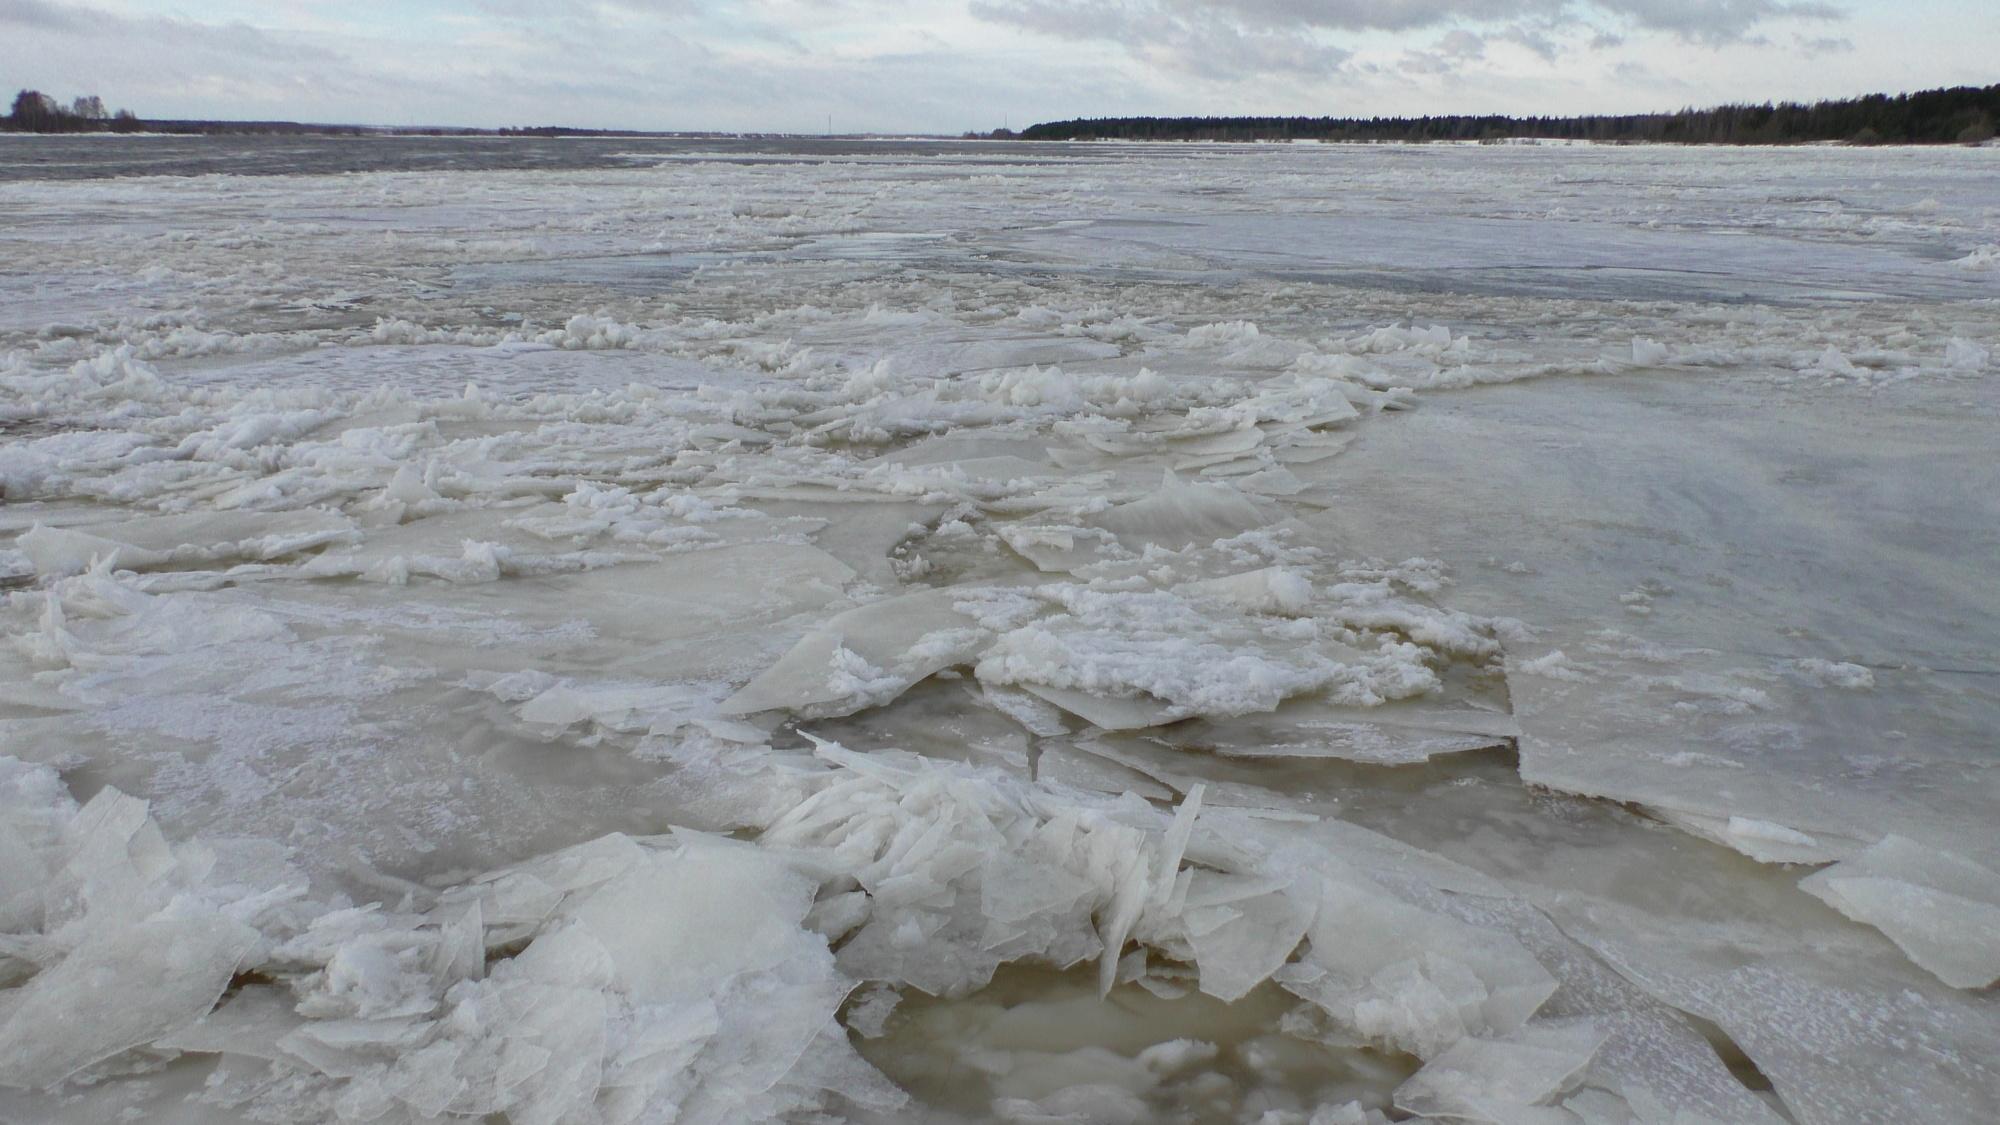 В Ярославской области предложили снизить мощности Рыбинской ГЭС для снижения уровня воды в Волге